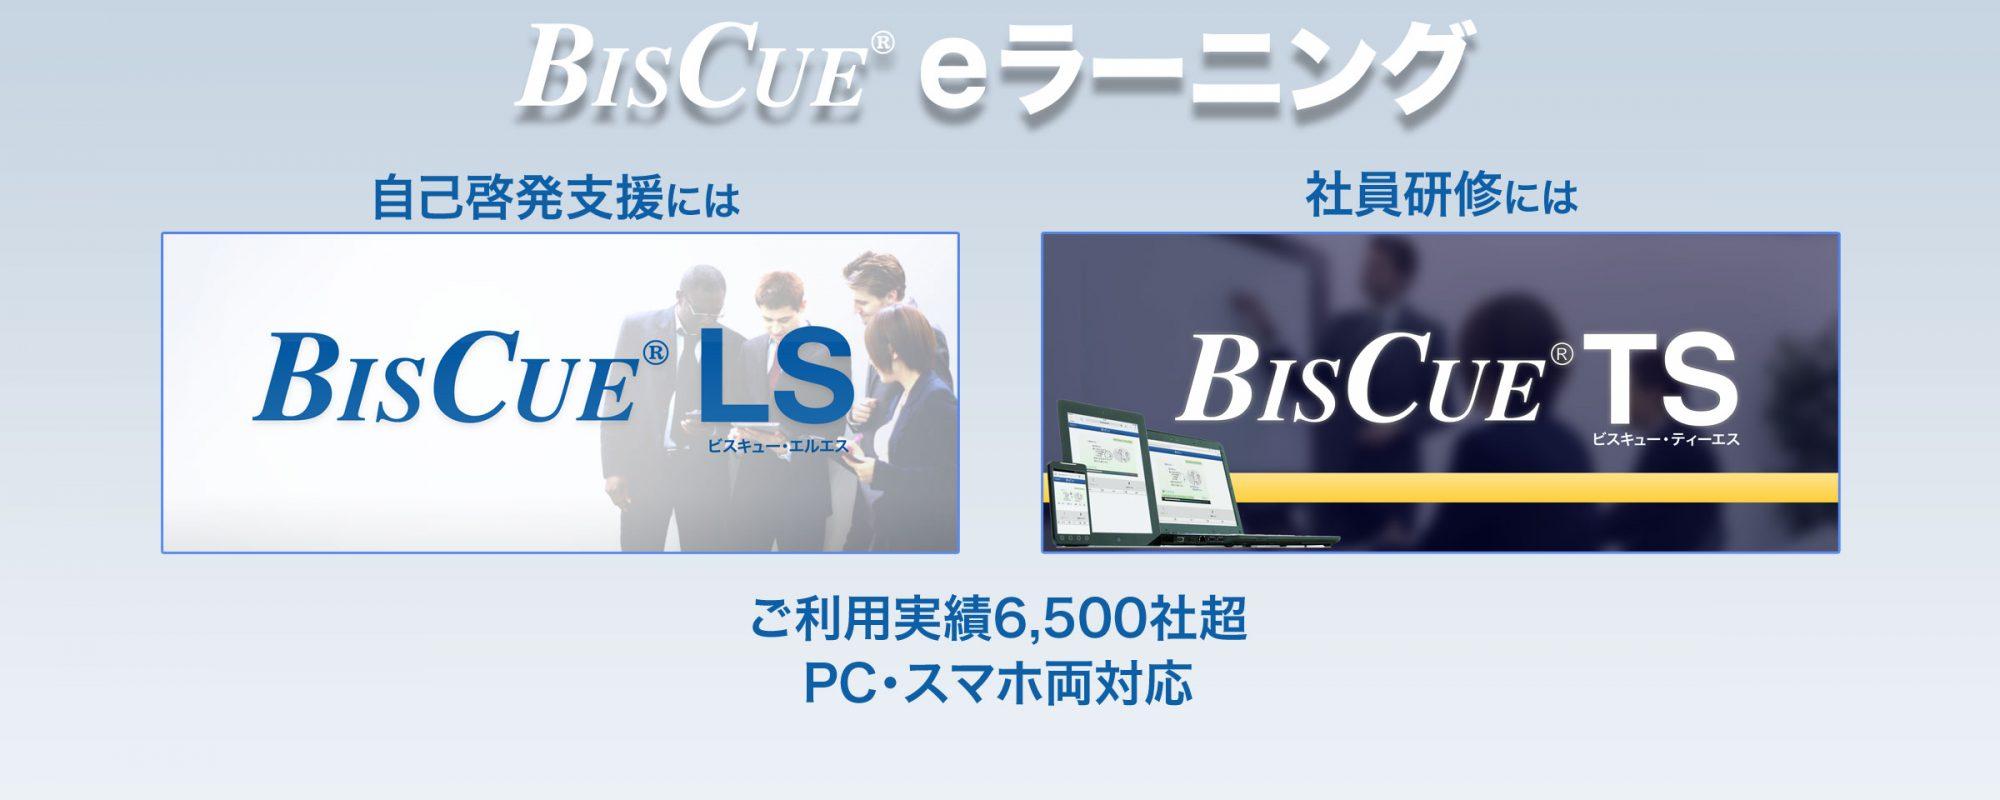 定額制eラーニング BISCUE LS 自己啓発支援に 社員研修に